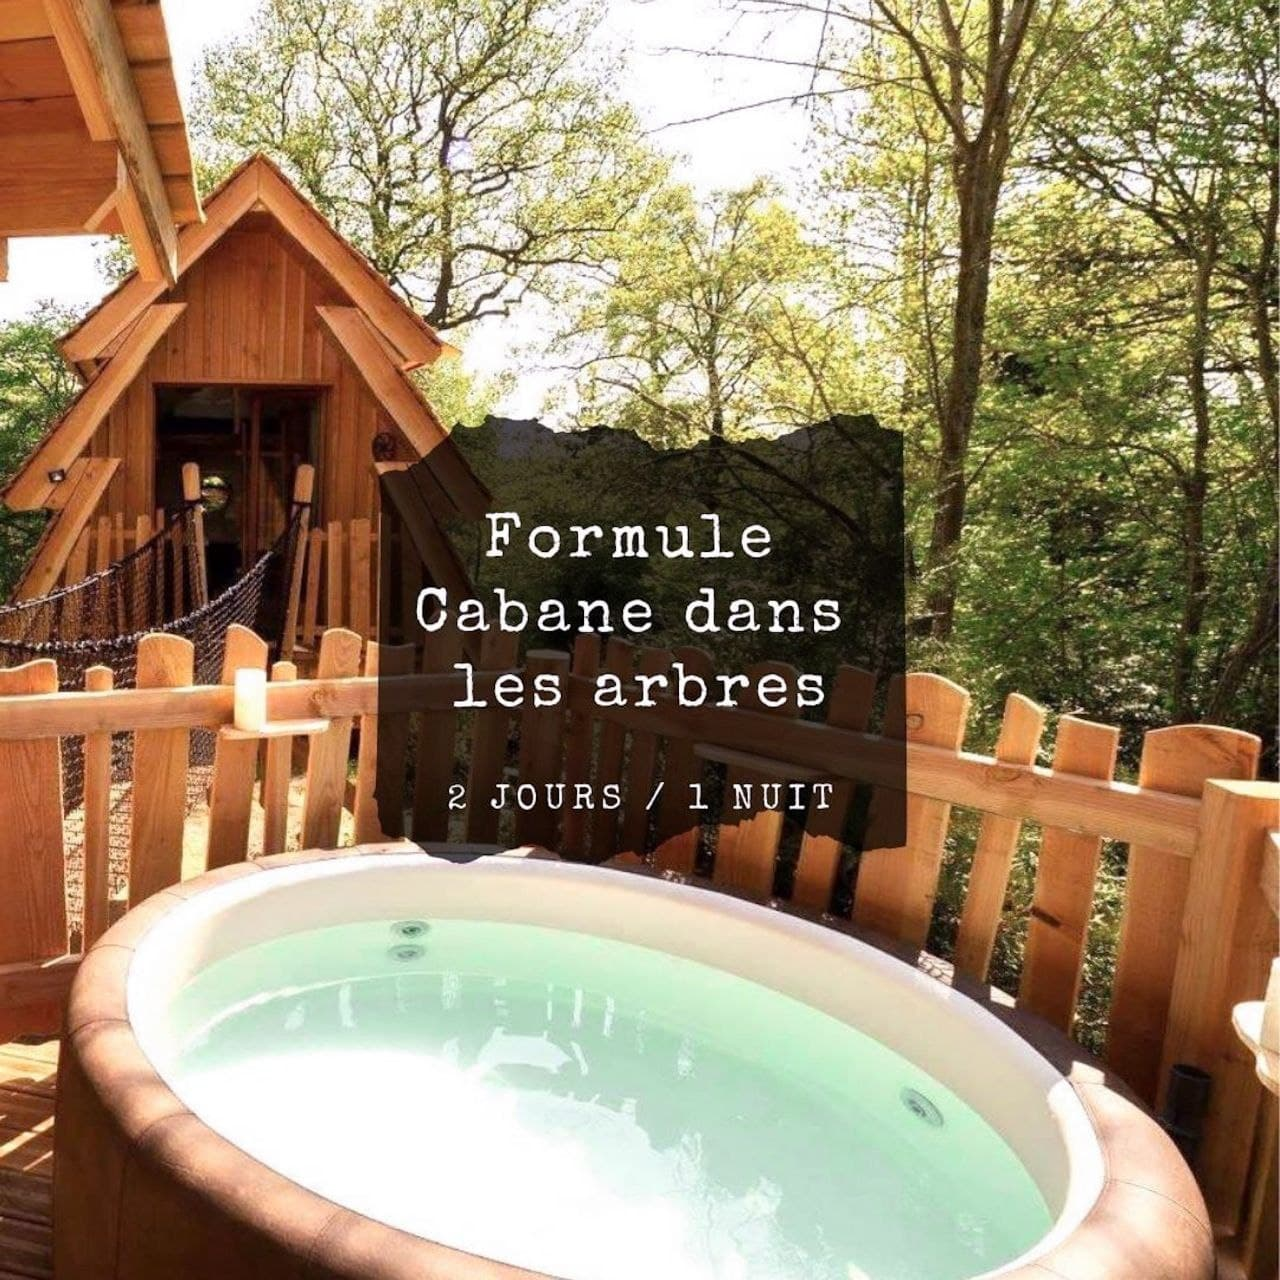 Séminaire en forêt cabane dans kes arbres proche Paris